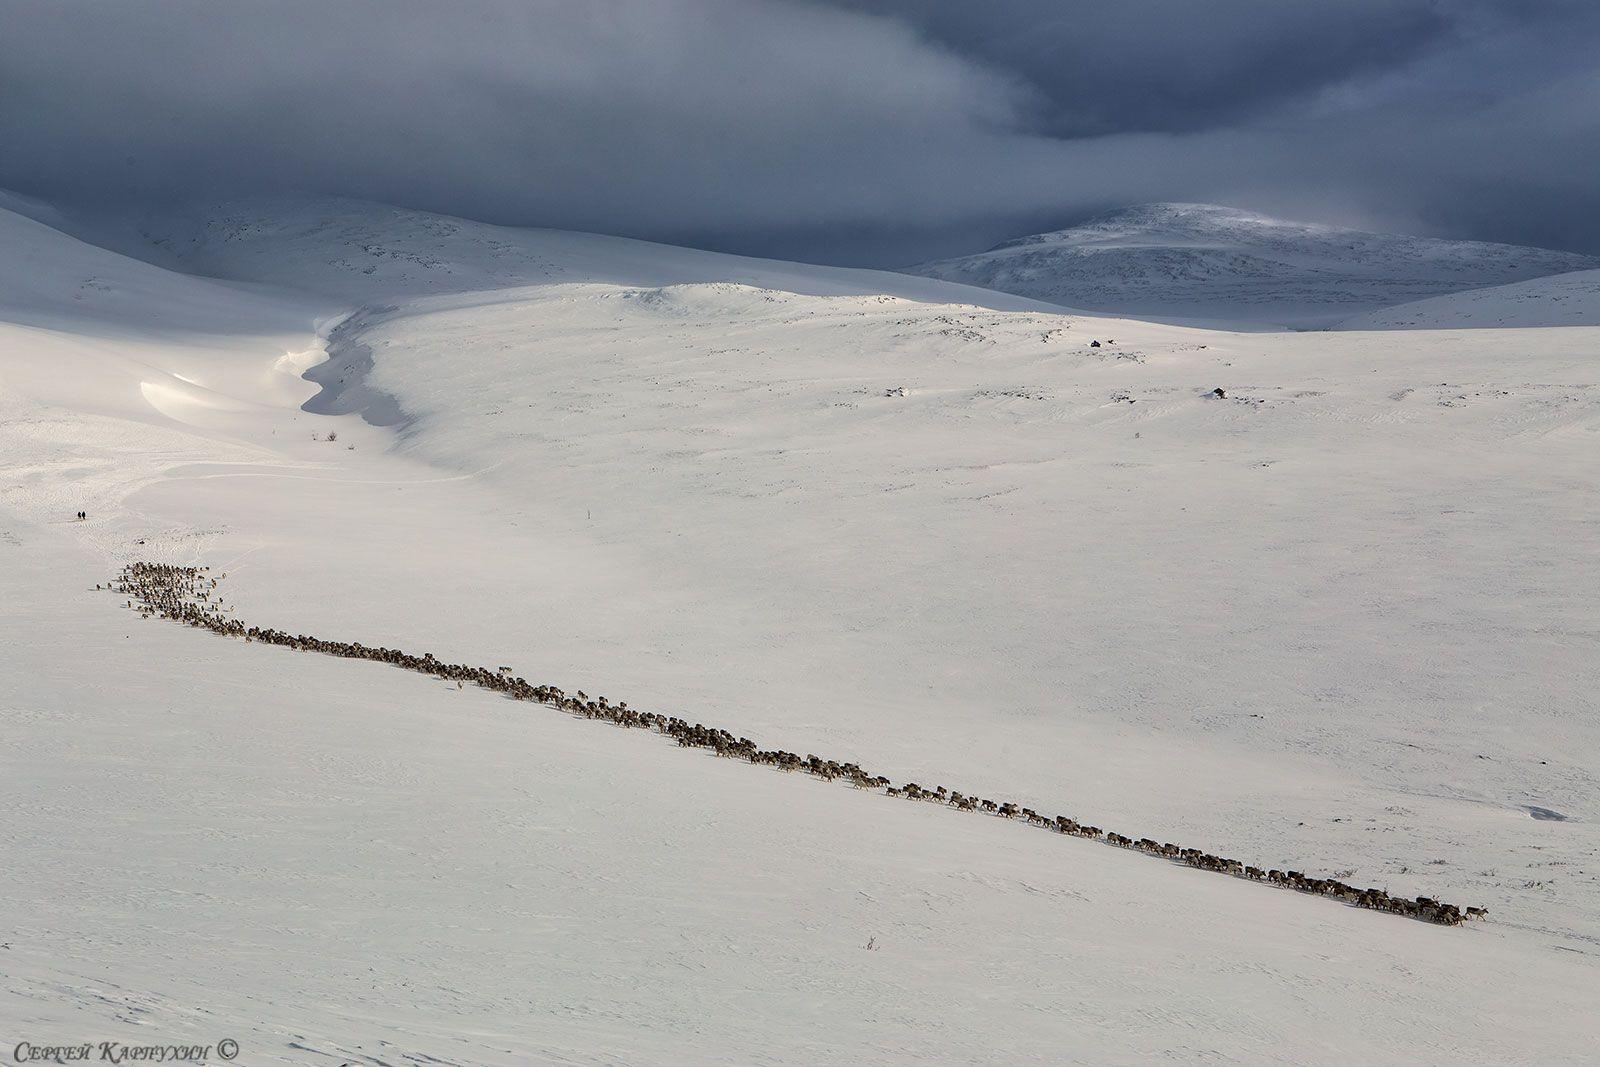 олени, стадо, полярный урал, зима, Сергей Карпухин